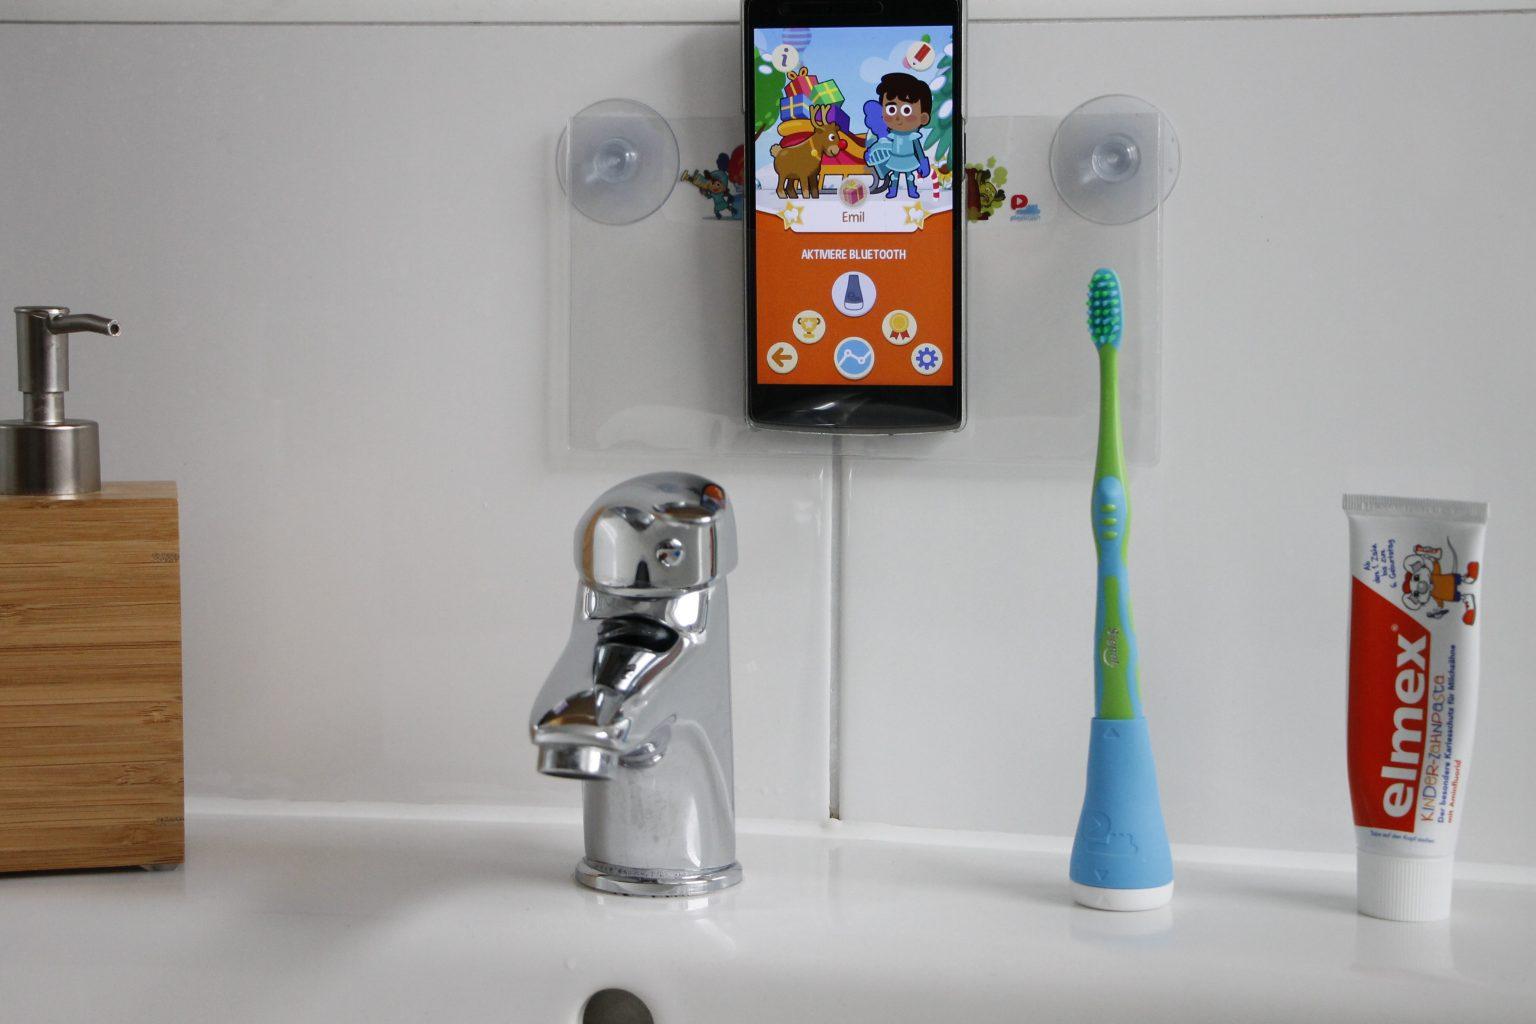 Playbrush-App